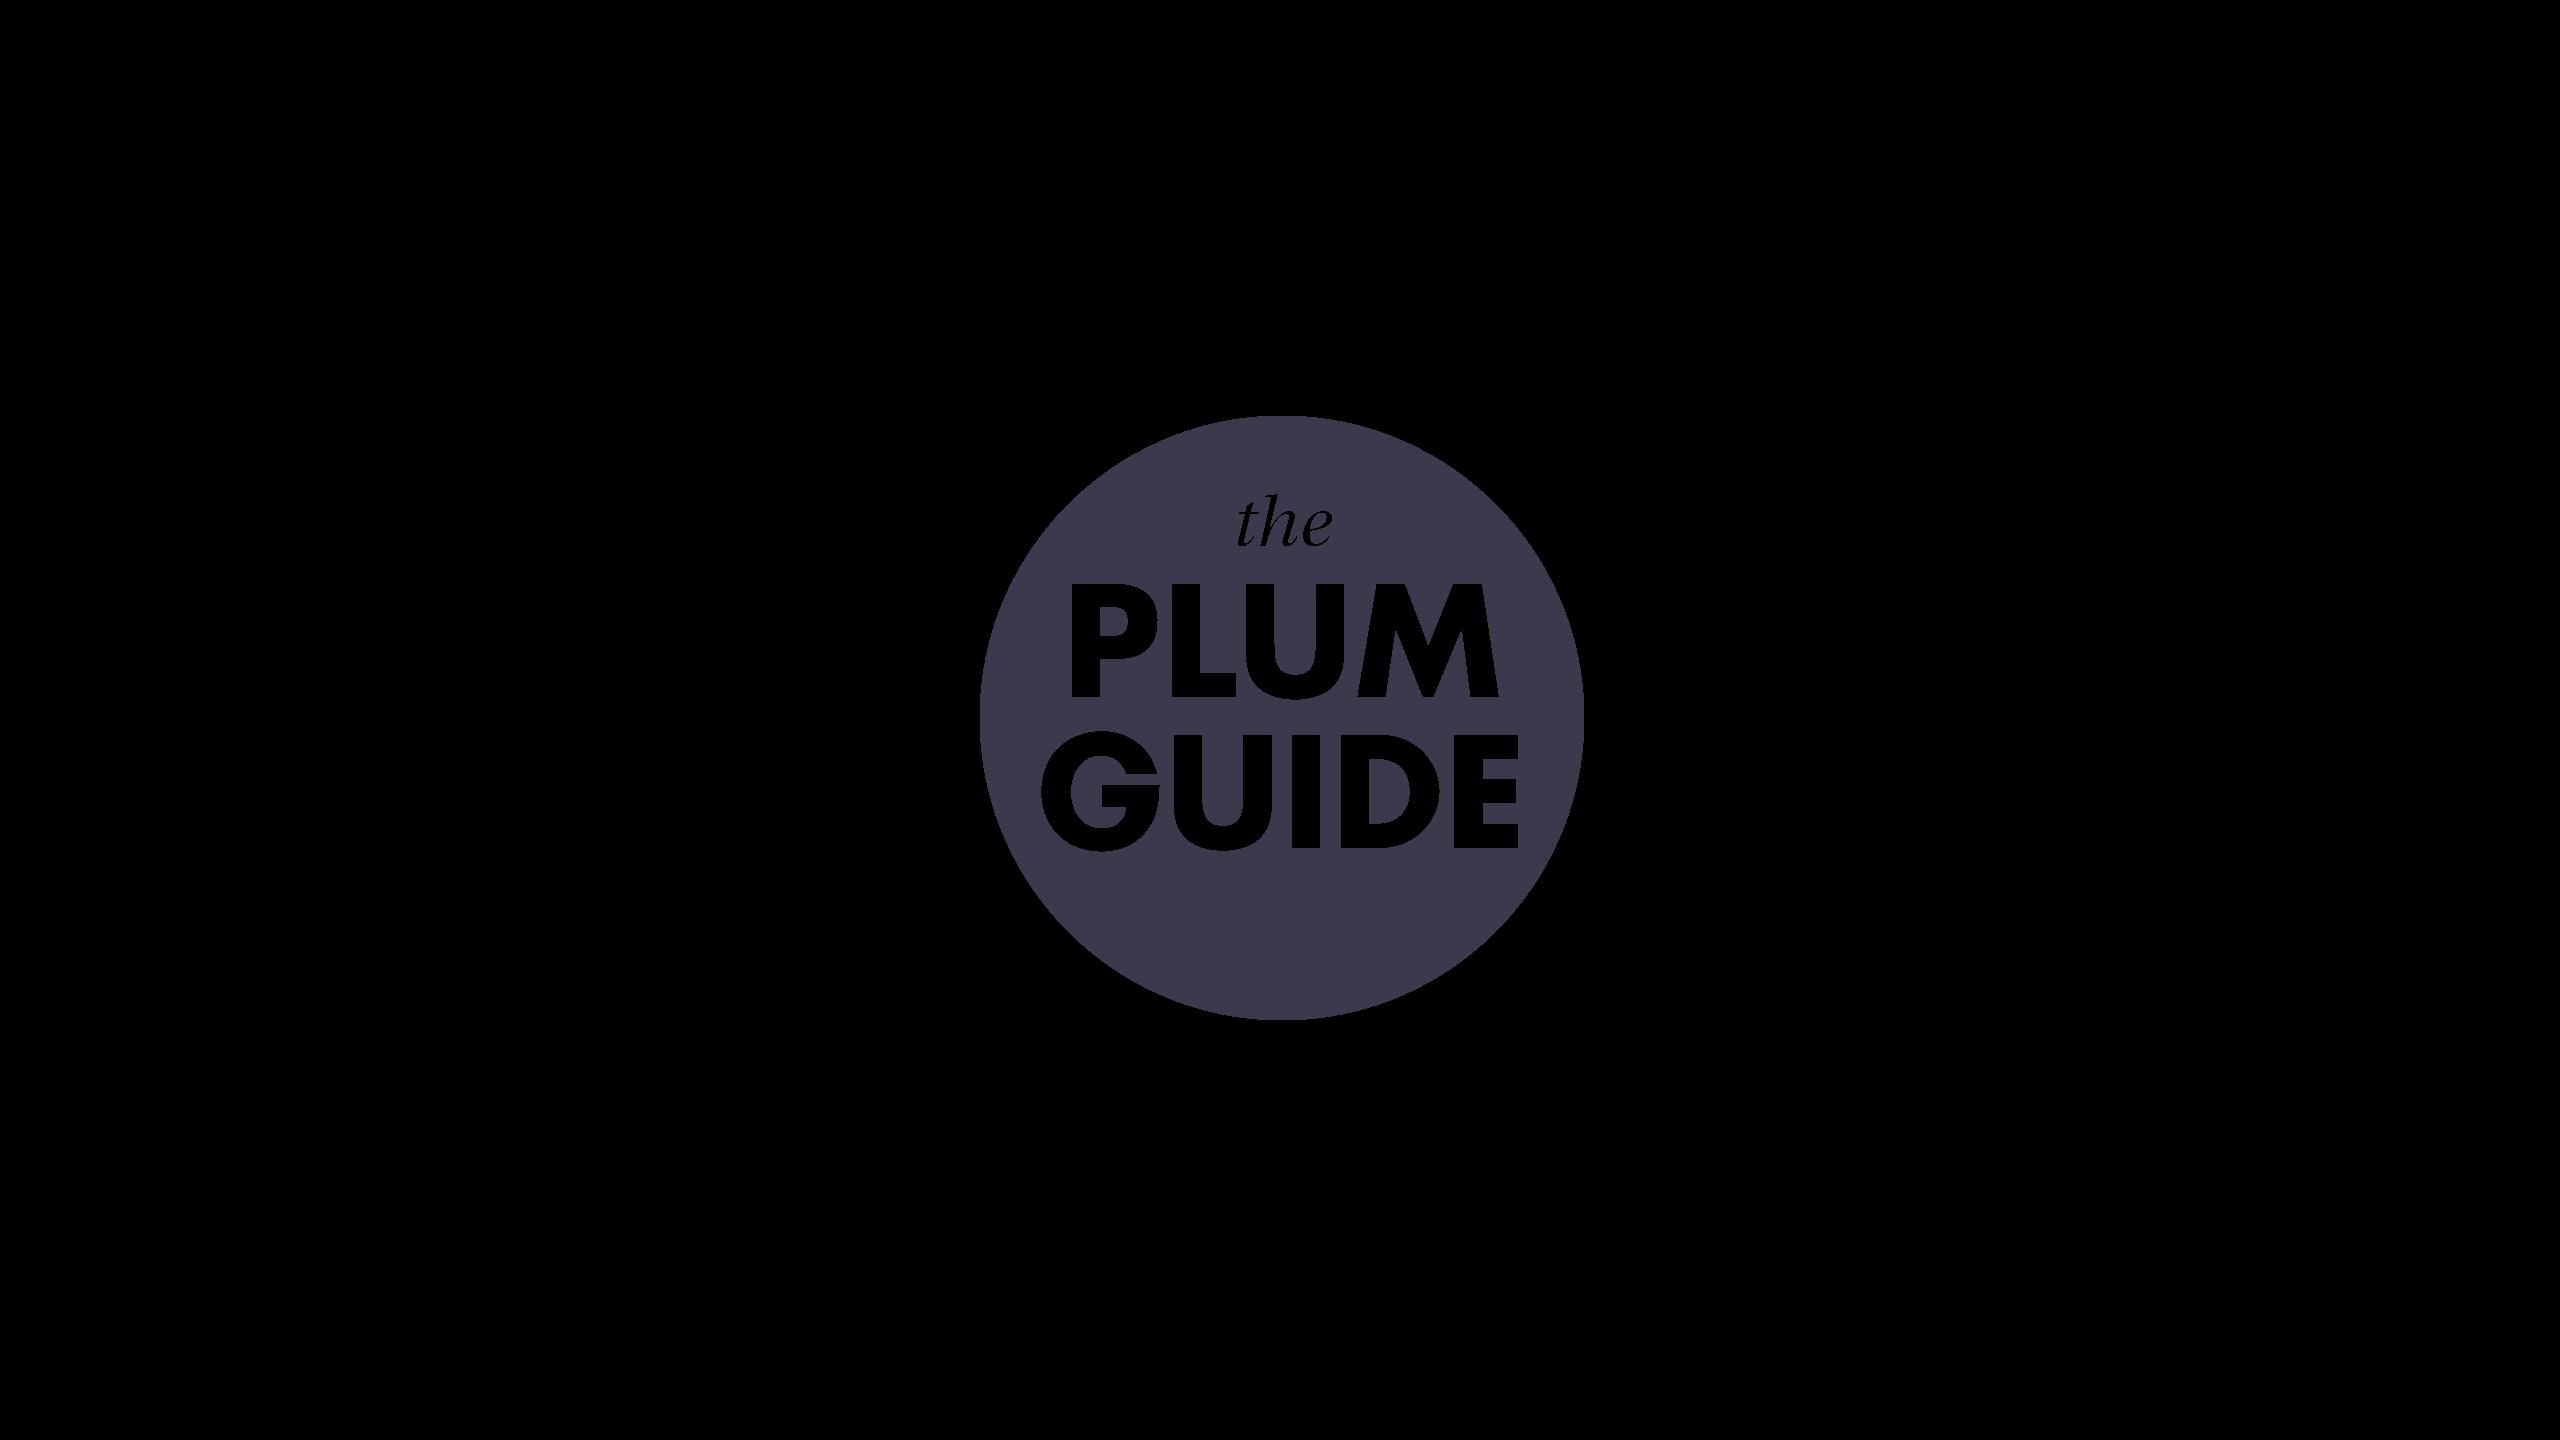 Plum-Guide-01